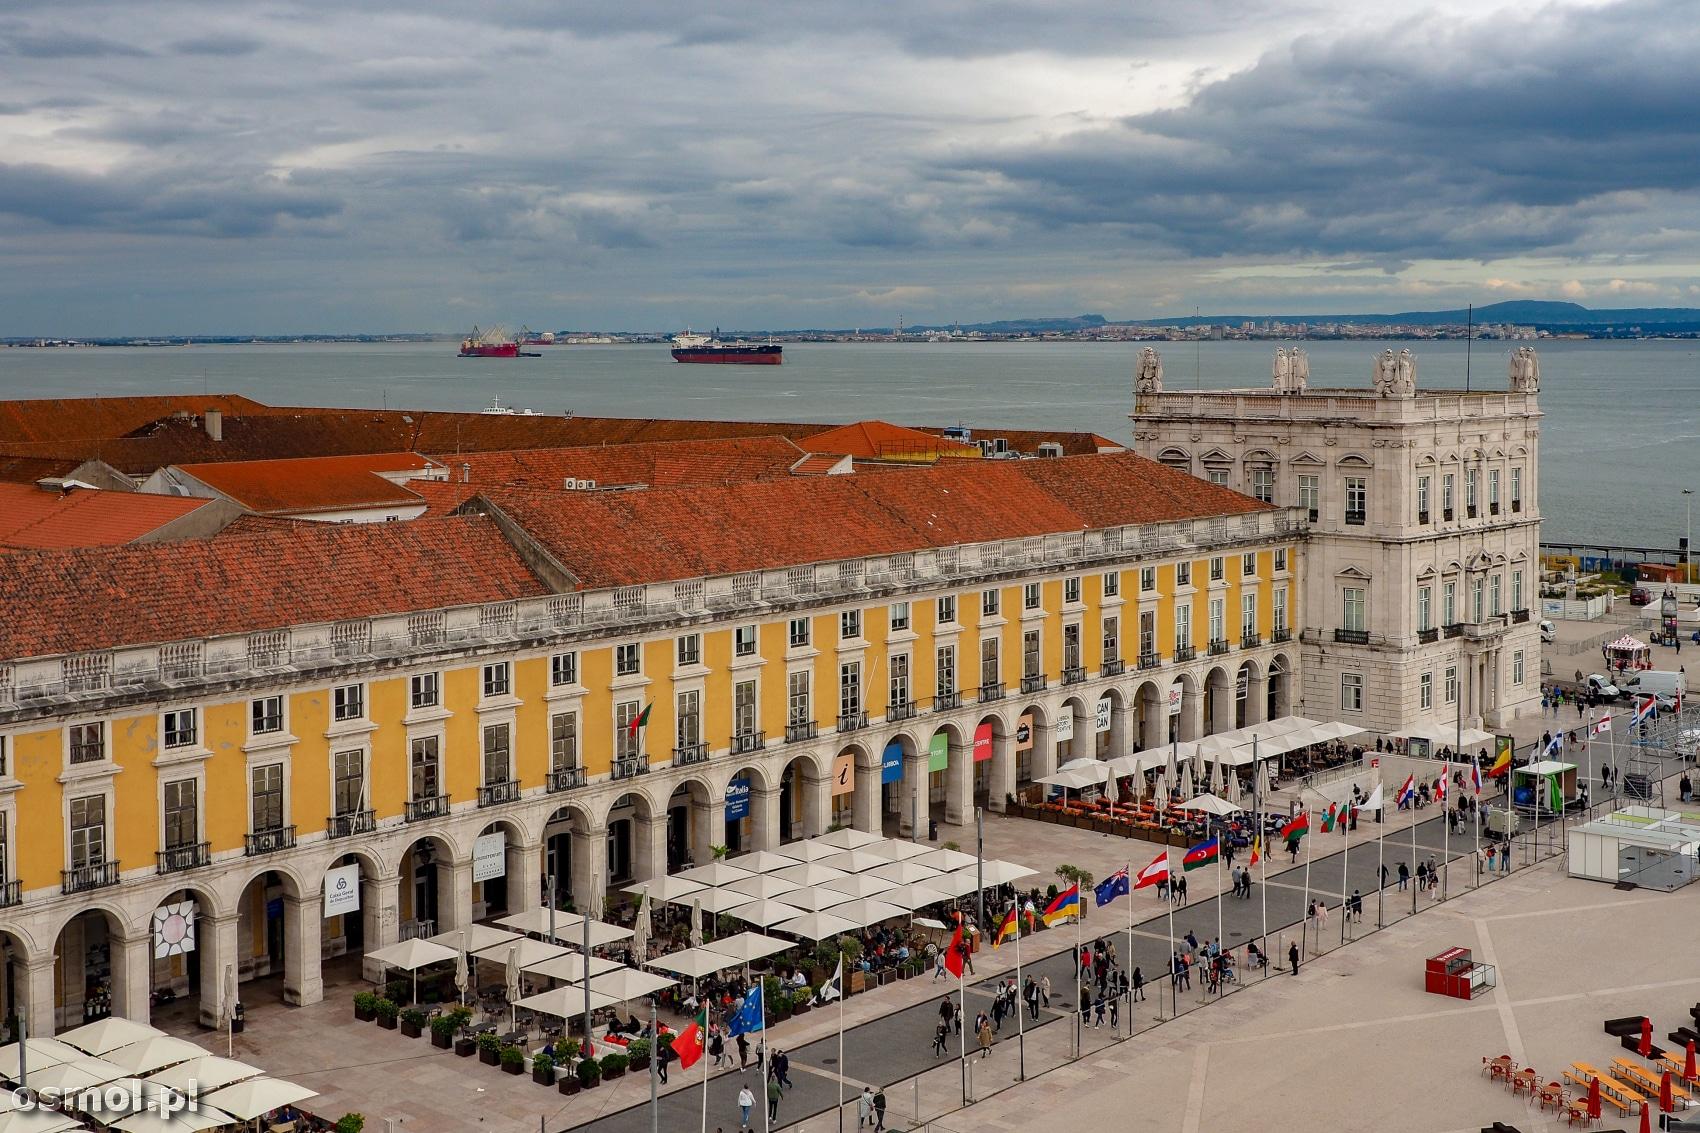 Placa de Comercio w Lizbonie widziany z łuku triumfalnego